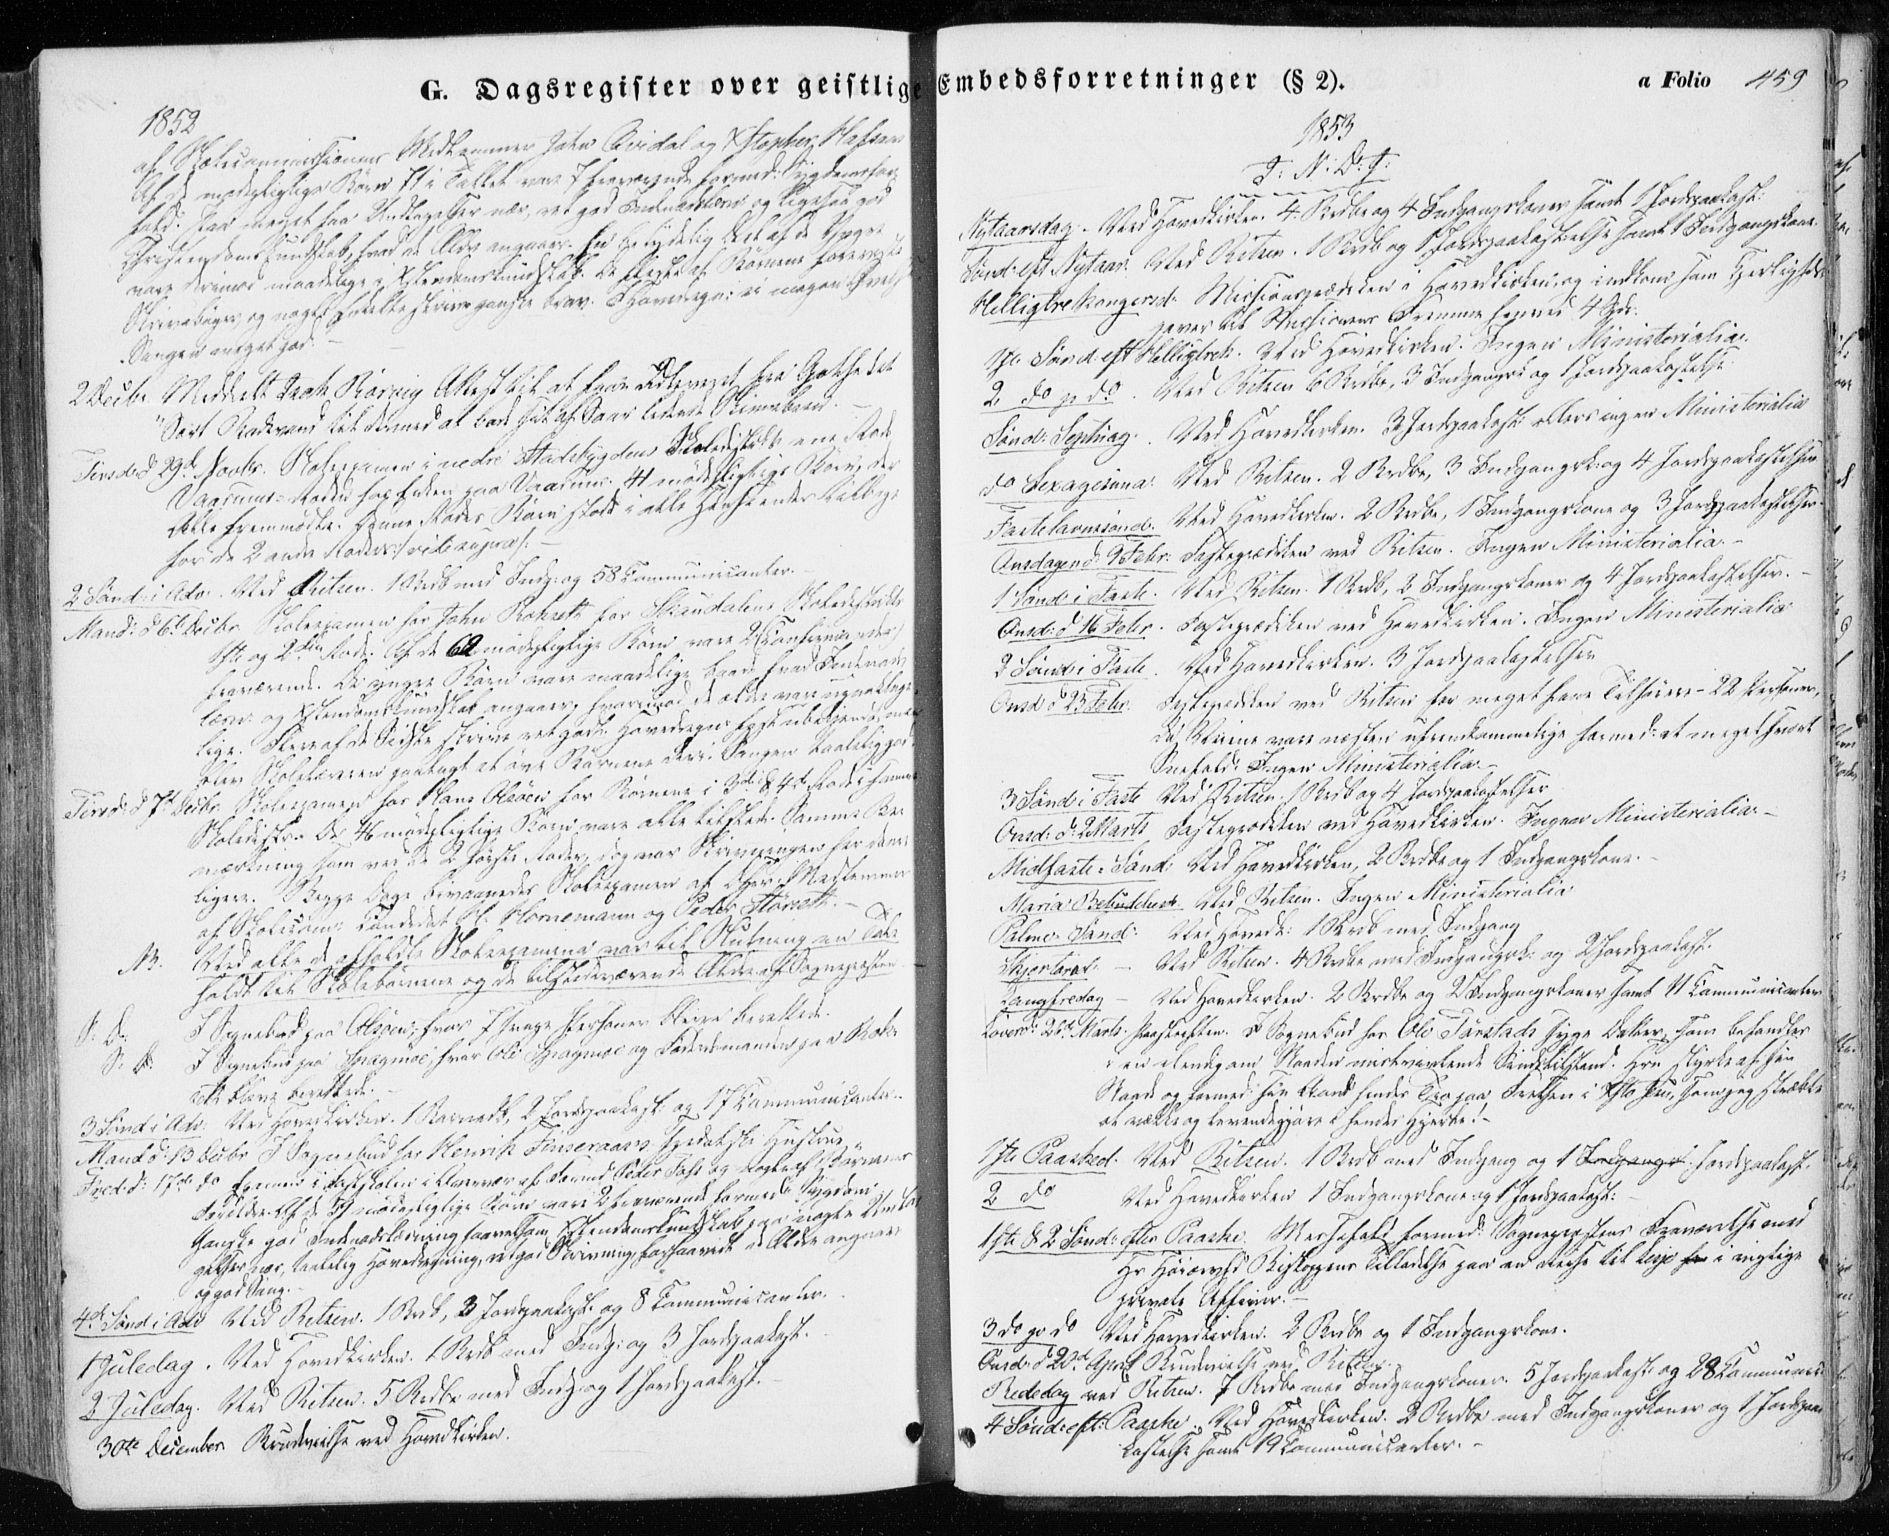 SAT, Ministerialprotokoller, klokkerbøker og fødselsregistre - Sør-Trøndelag, 646/L0611: Ministerialbok nr. 646A09, 1848-1857, s. 459